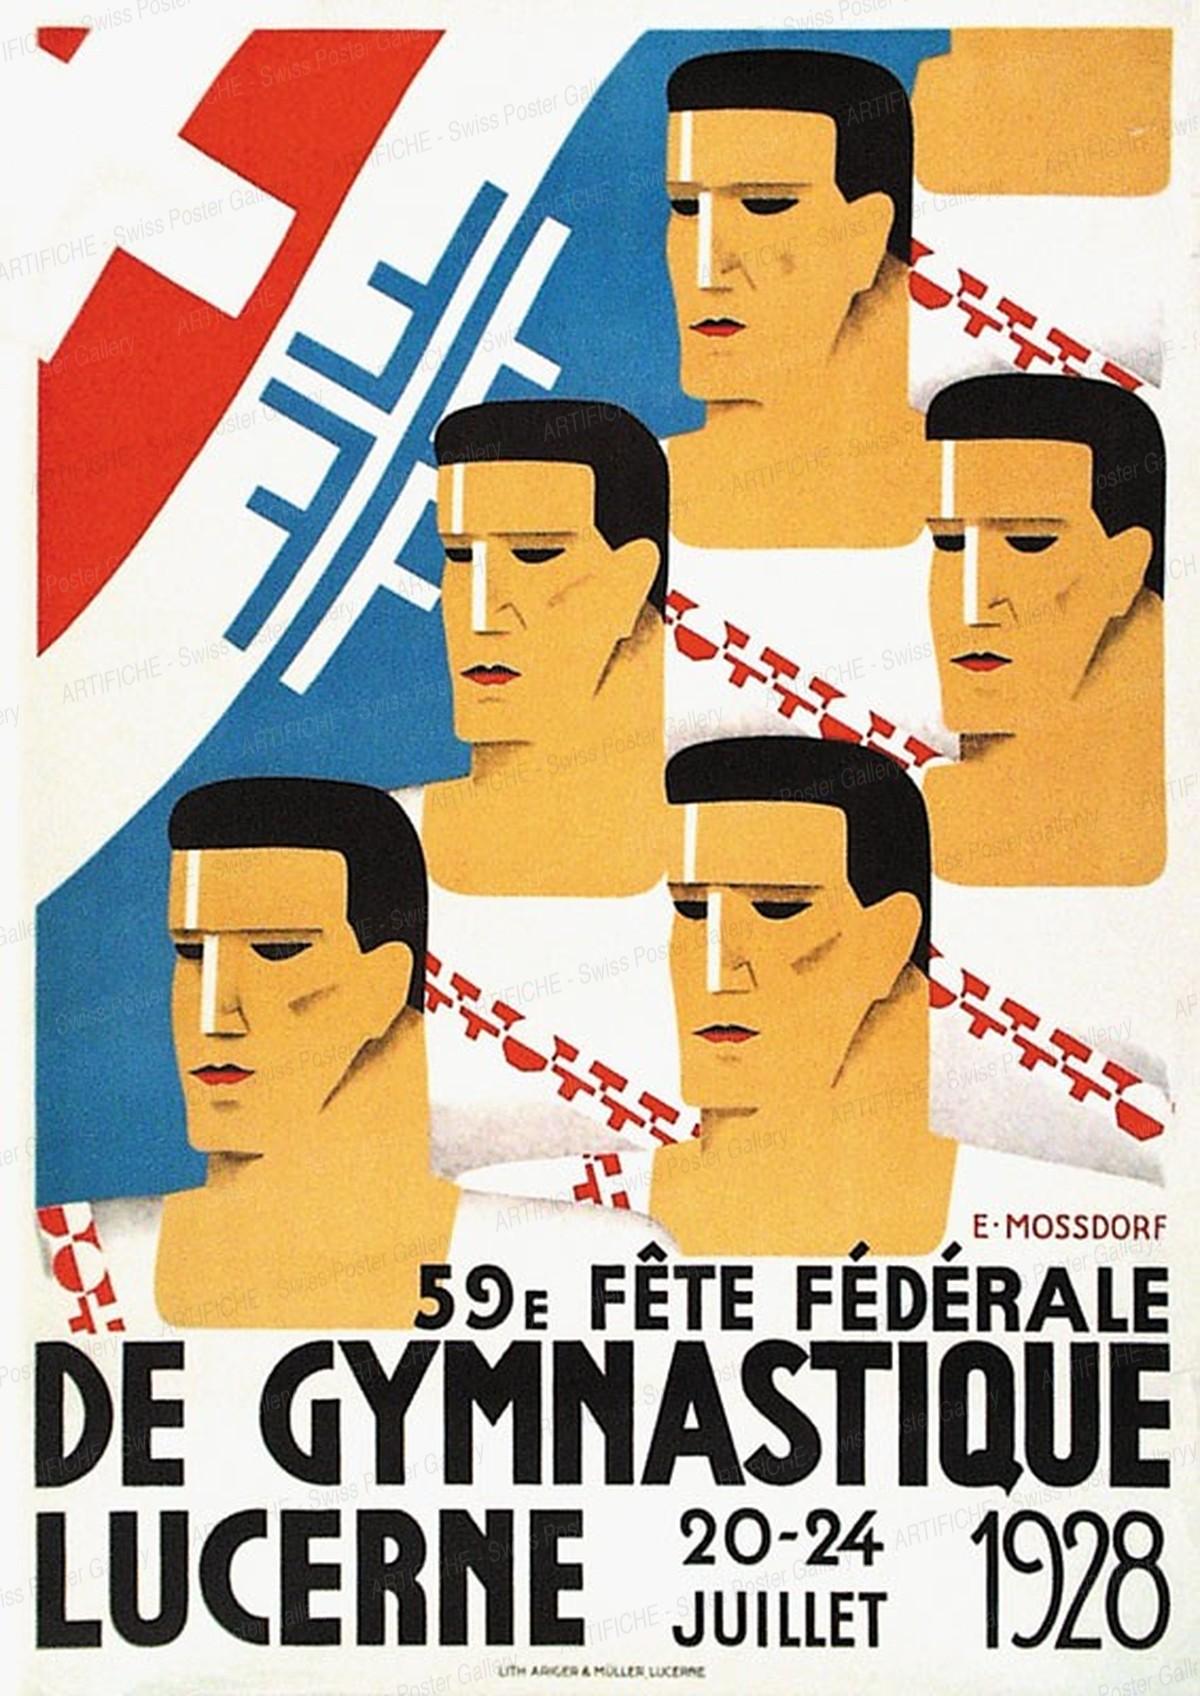 59e Fête Fédérale de Gymnastique Lucerne 20 – 24 Juillet 1928, Ernst Gustav Mossdorf